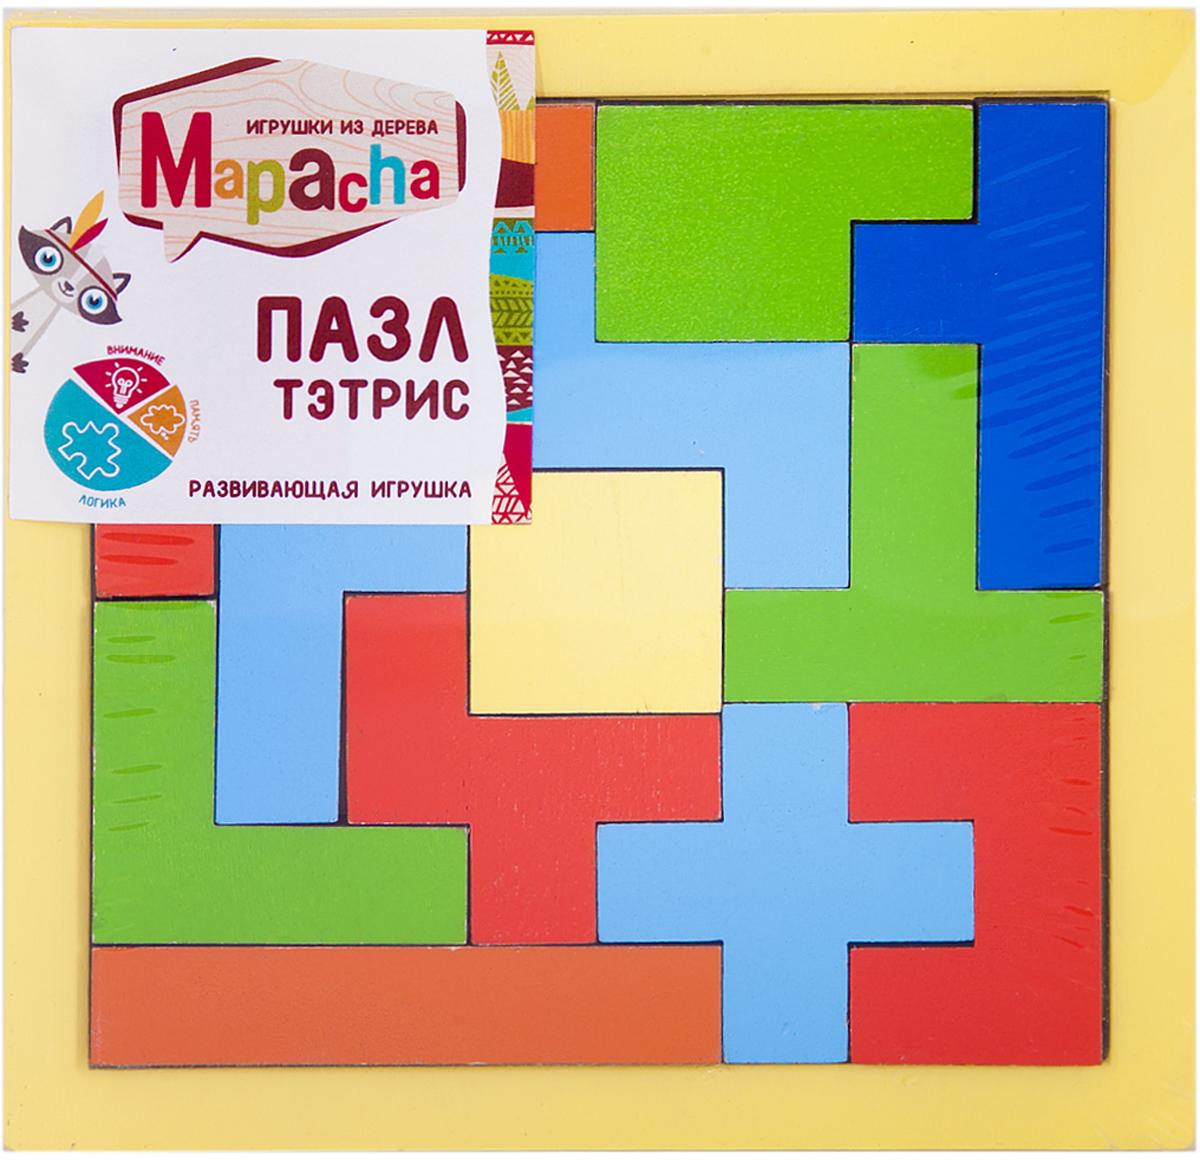 Mapacha Пазл для малышей Тэтрис флексика пазл для малышей геометрия цвет основы красный